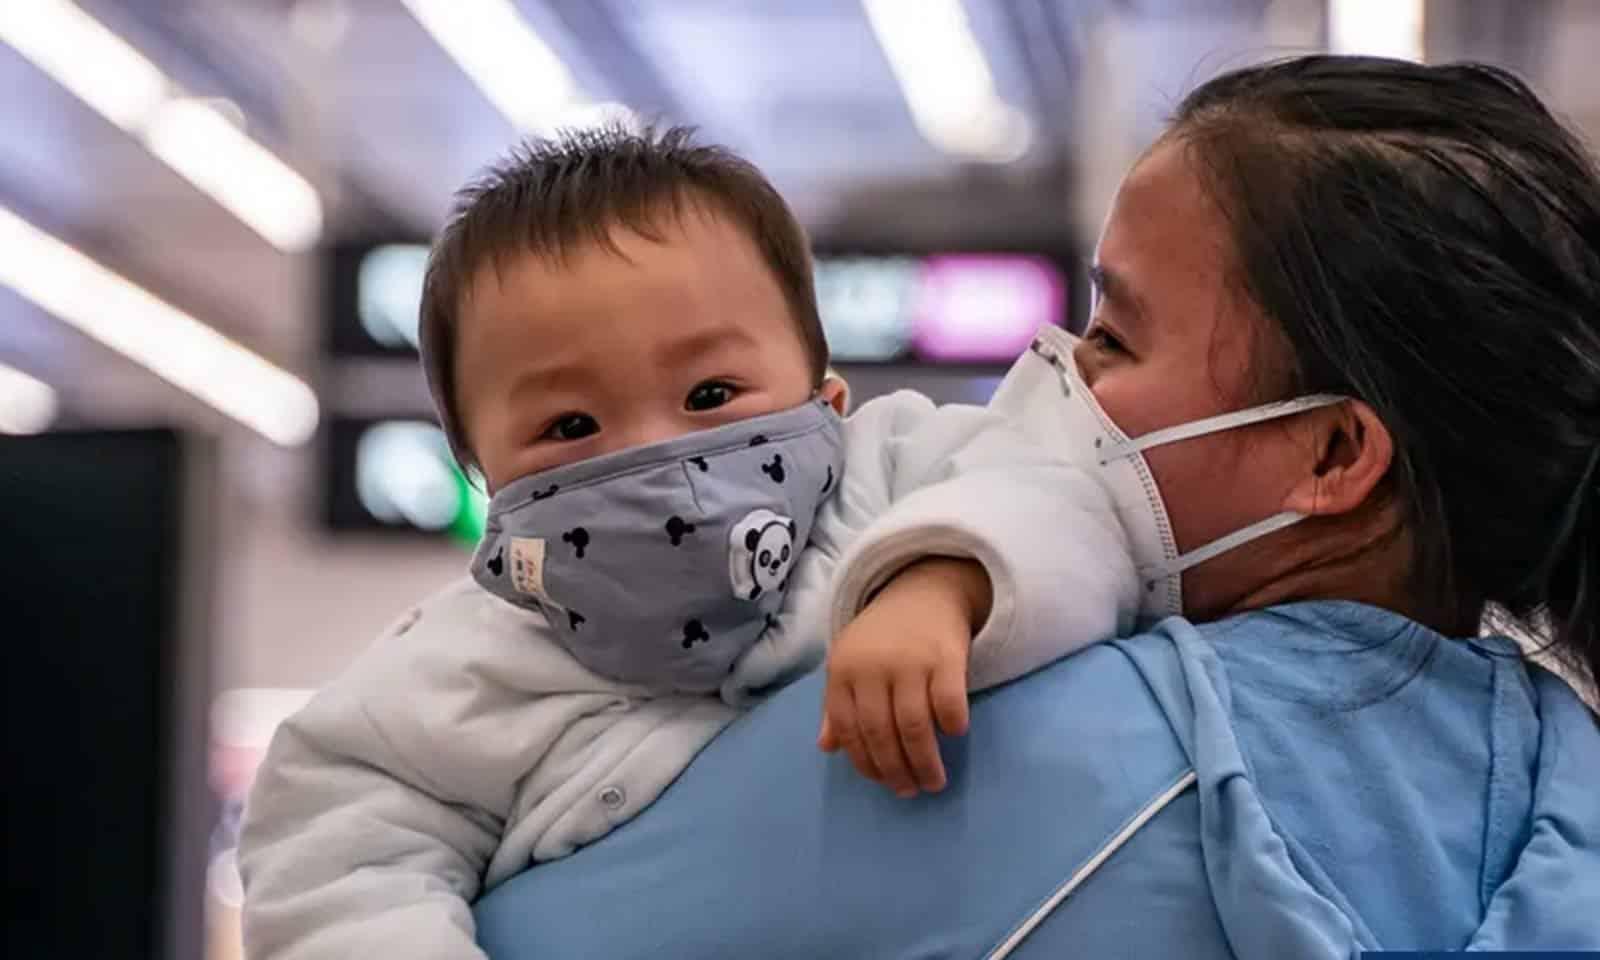 Coronavírus: Bebê recém-nascido infectado em Wuhan indica possível transmissão no útero